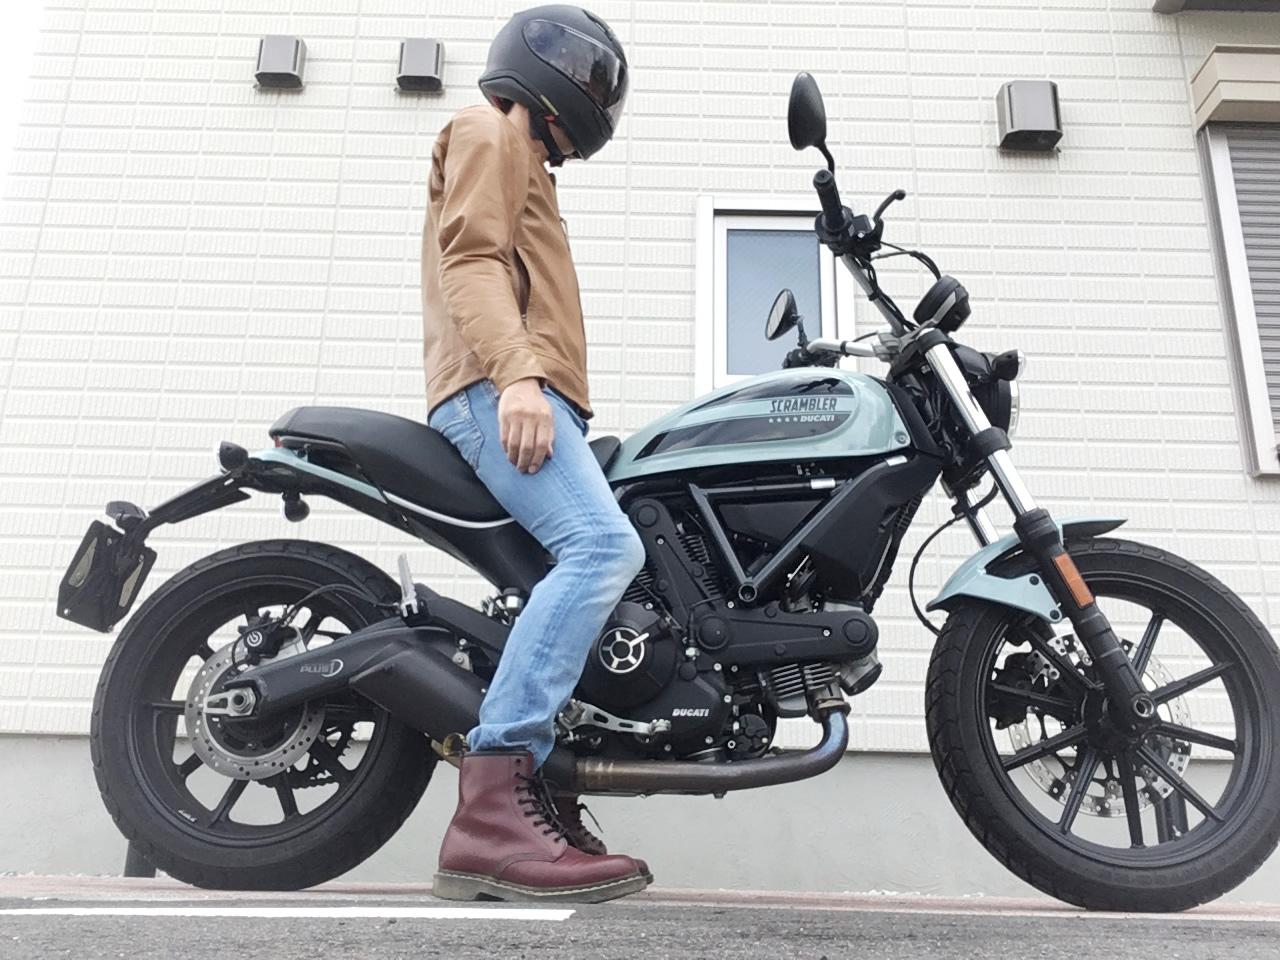 ドゥカティ・スクランブラーsixty2(400cc)の足つき性